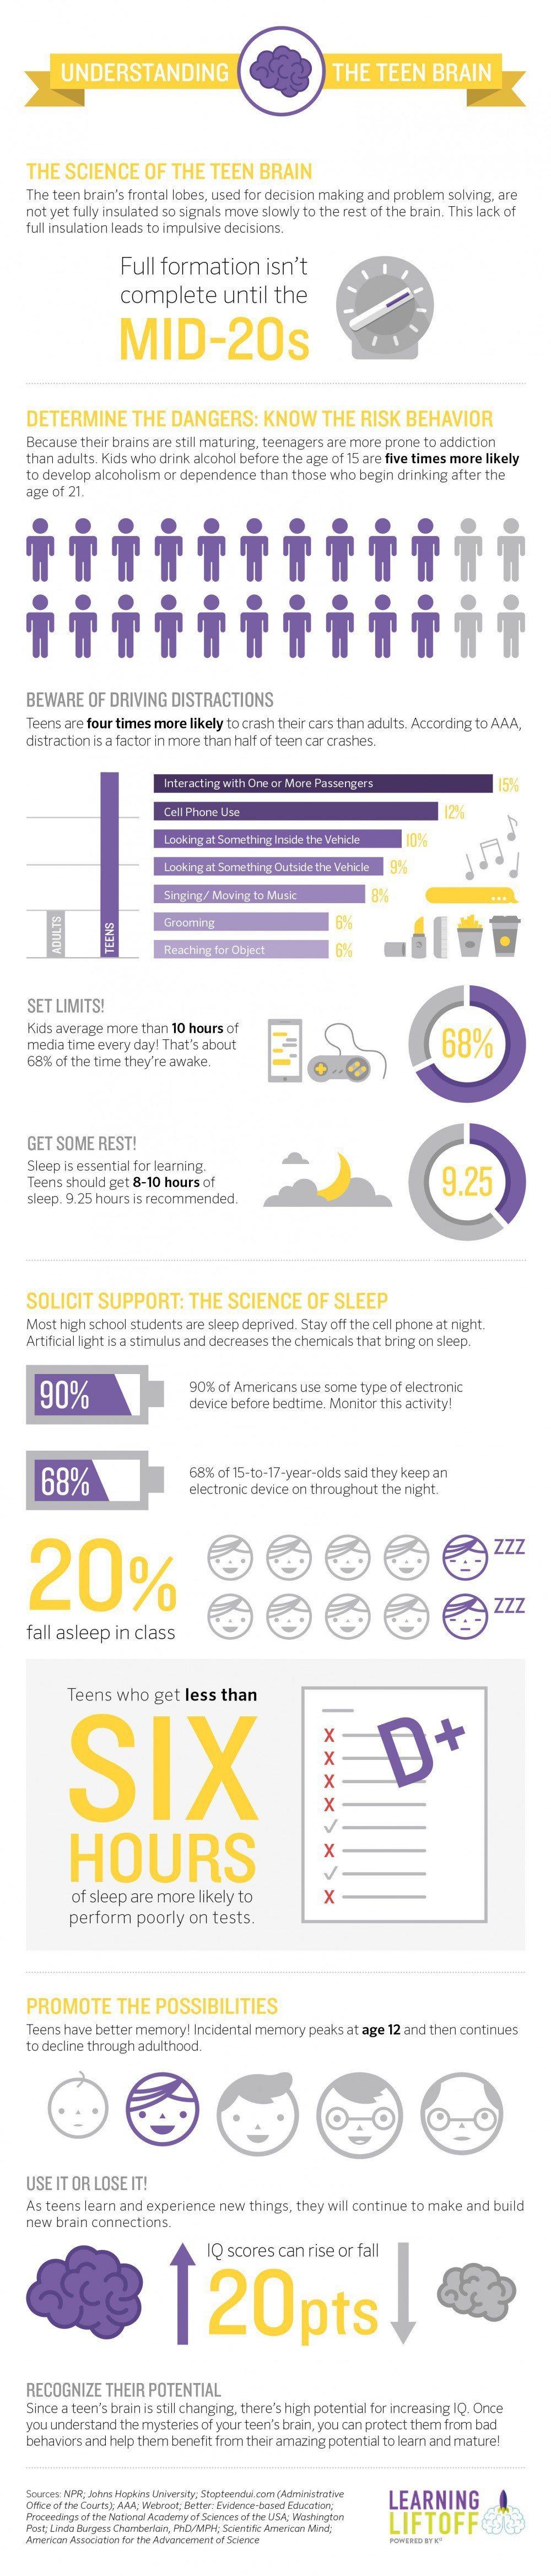 Understanding the Teen Brain Infographic